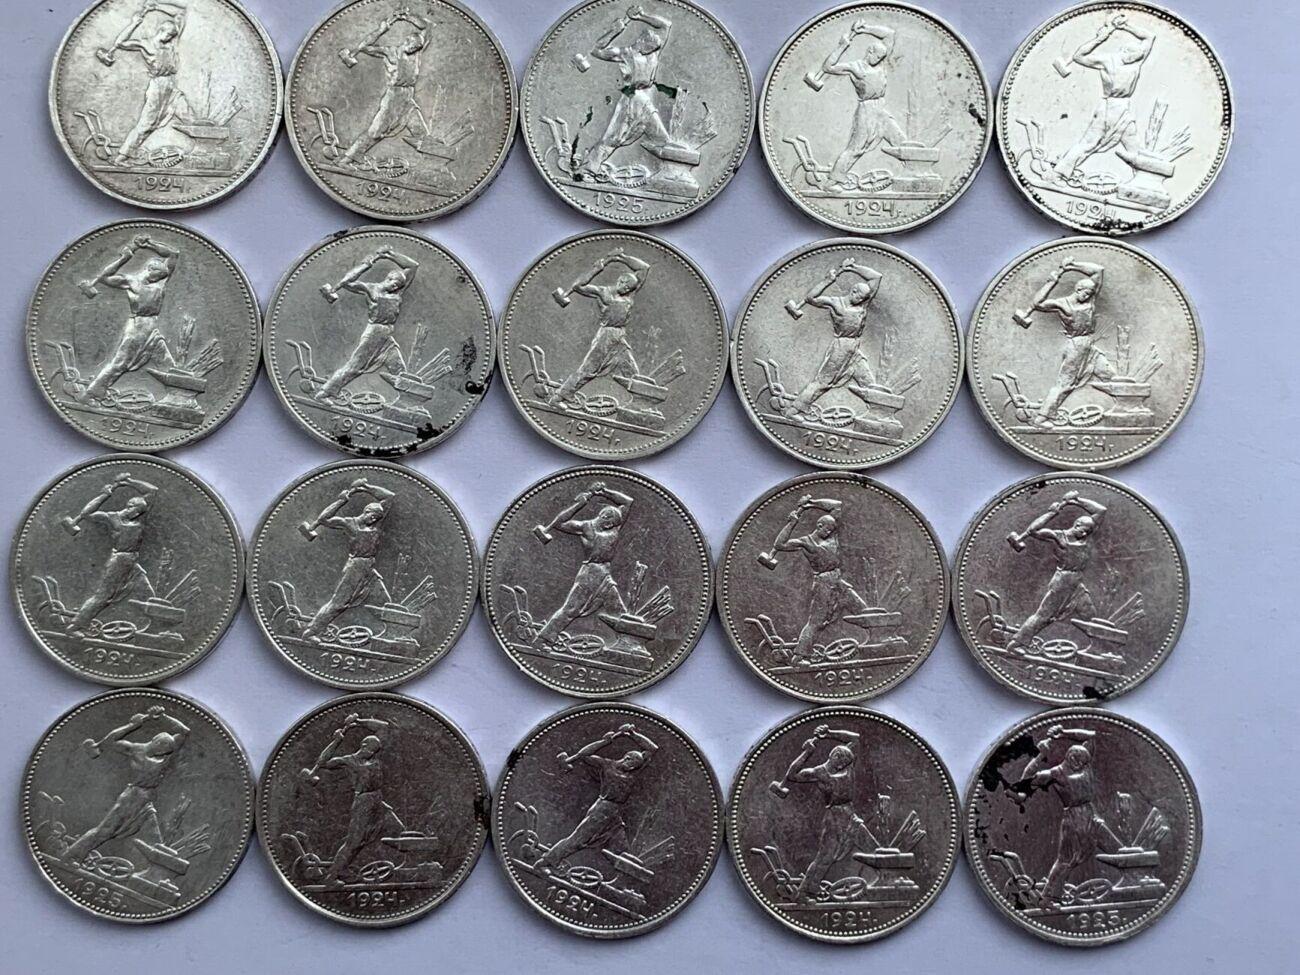 Коллекционер дорого для коллекции купит награды, медали, ордена